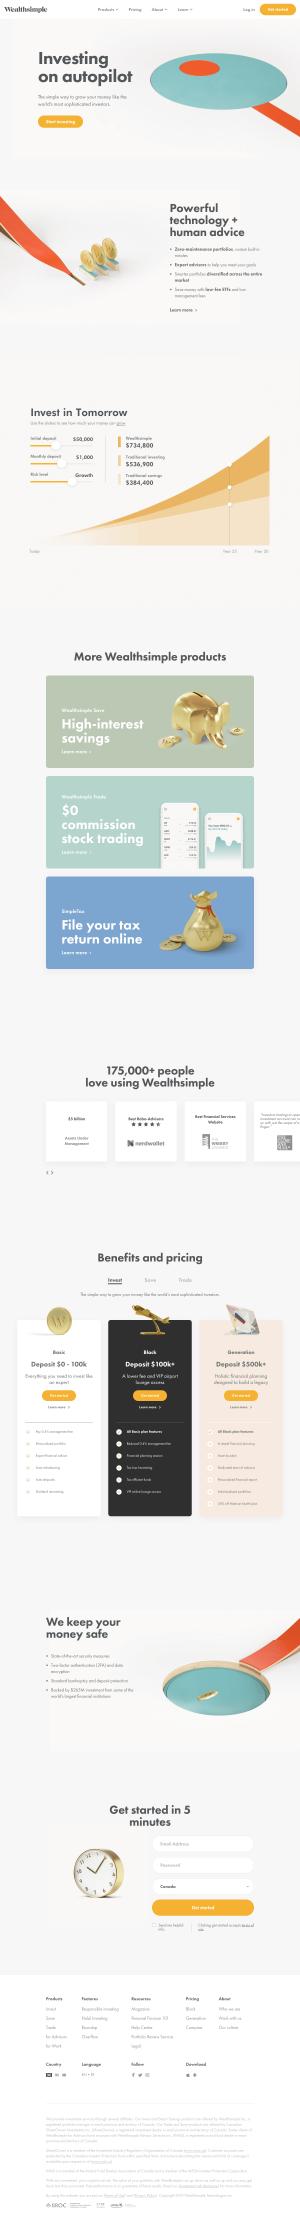 Wealthsimple - Homepage